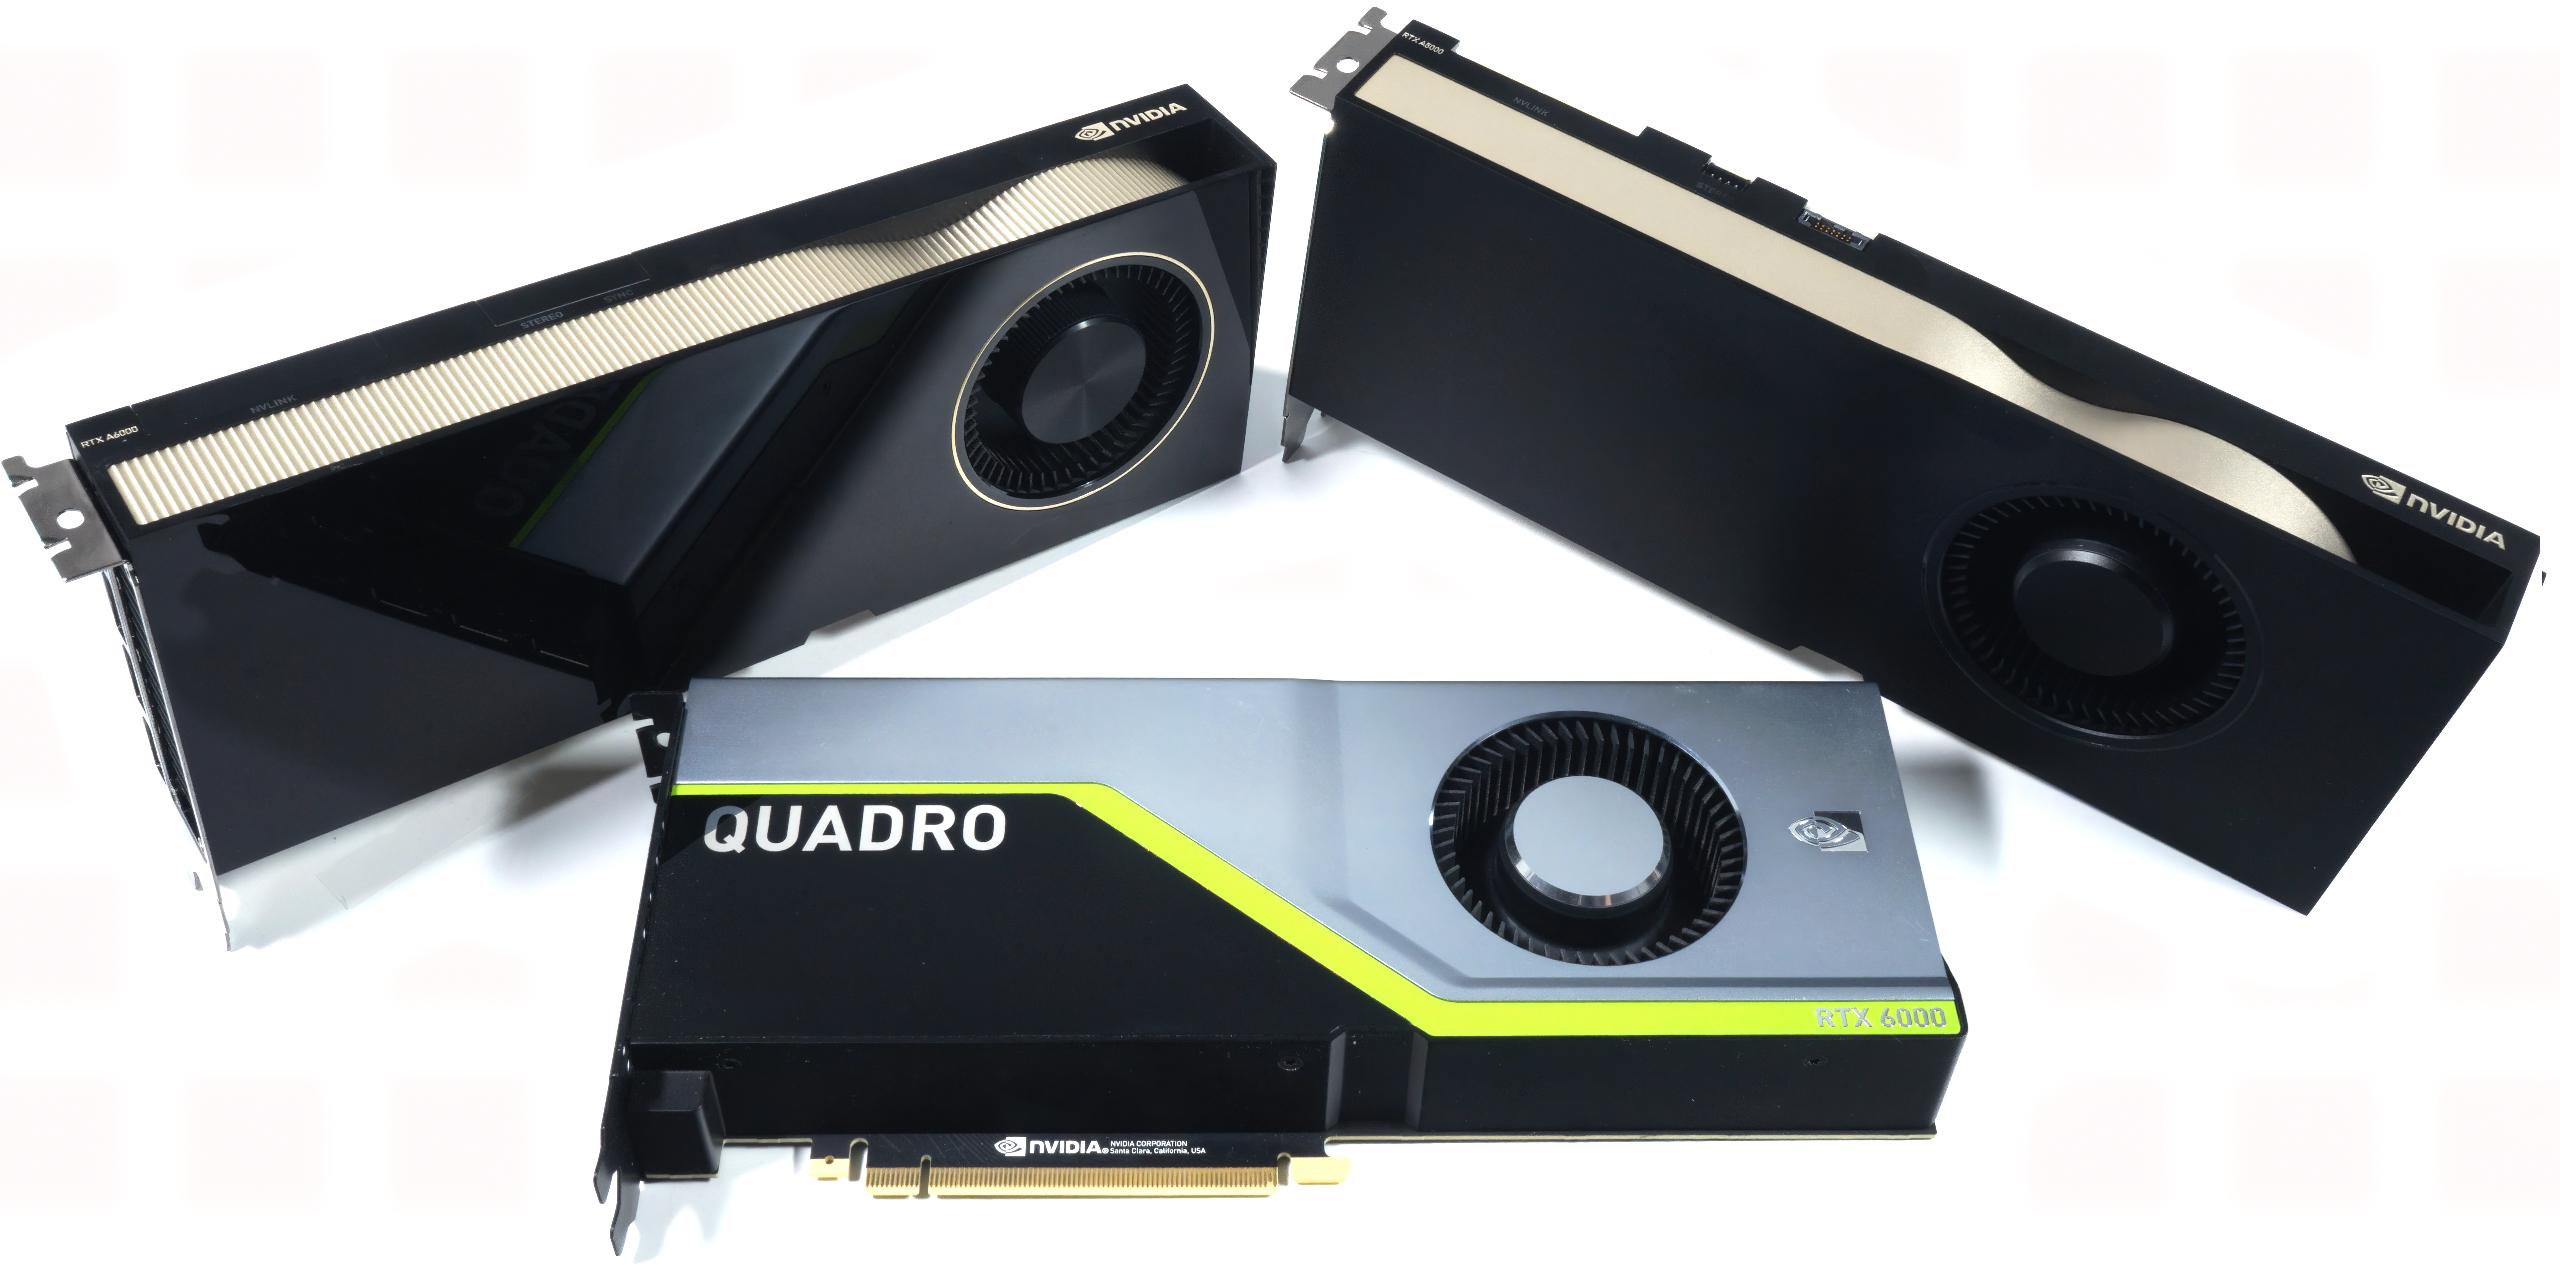 NVIDIA RTX A5000 und RTX A6000 ordentlich übertakten! Workstation-Overclocking als Benefit oder pures Versehen?